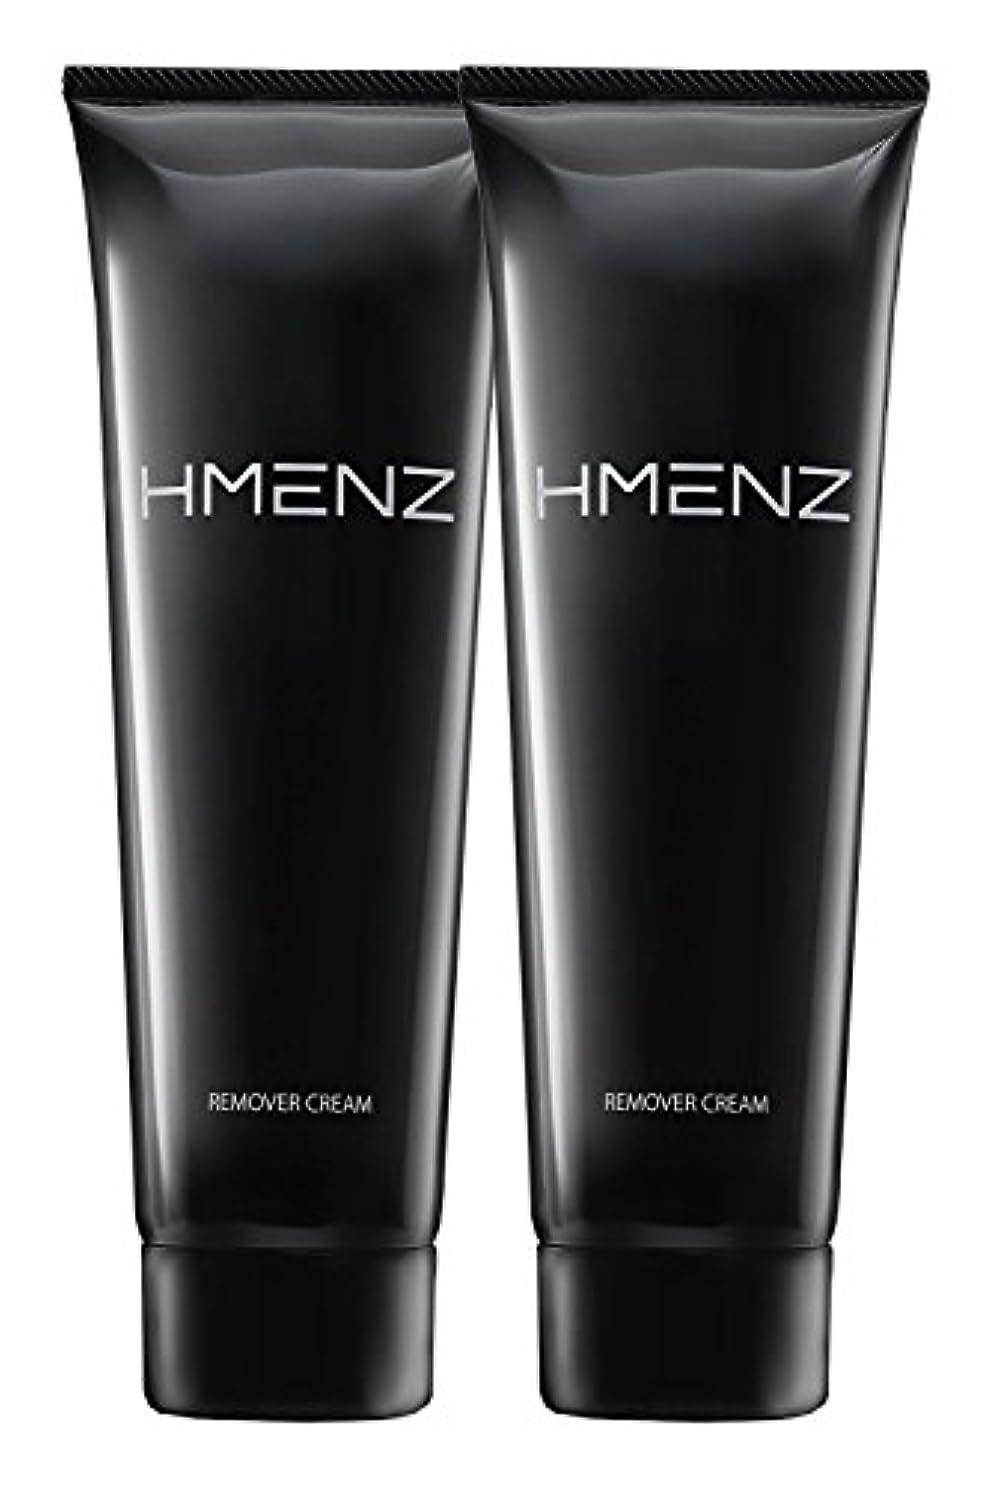 医薬部外品 HMENZ メンズ 除毛クリーム 2個セット 陰部 使用可能 210g ×2